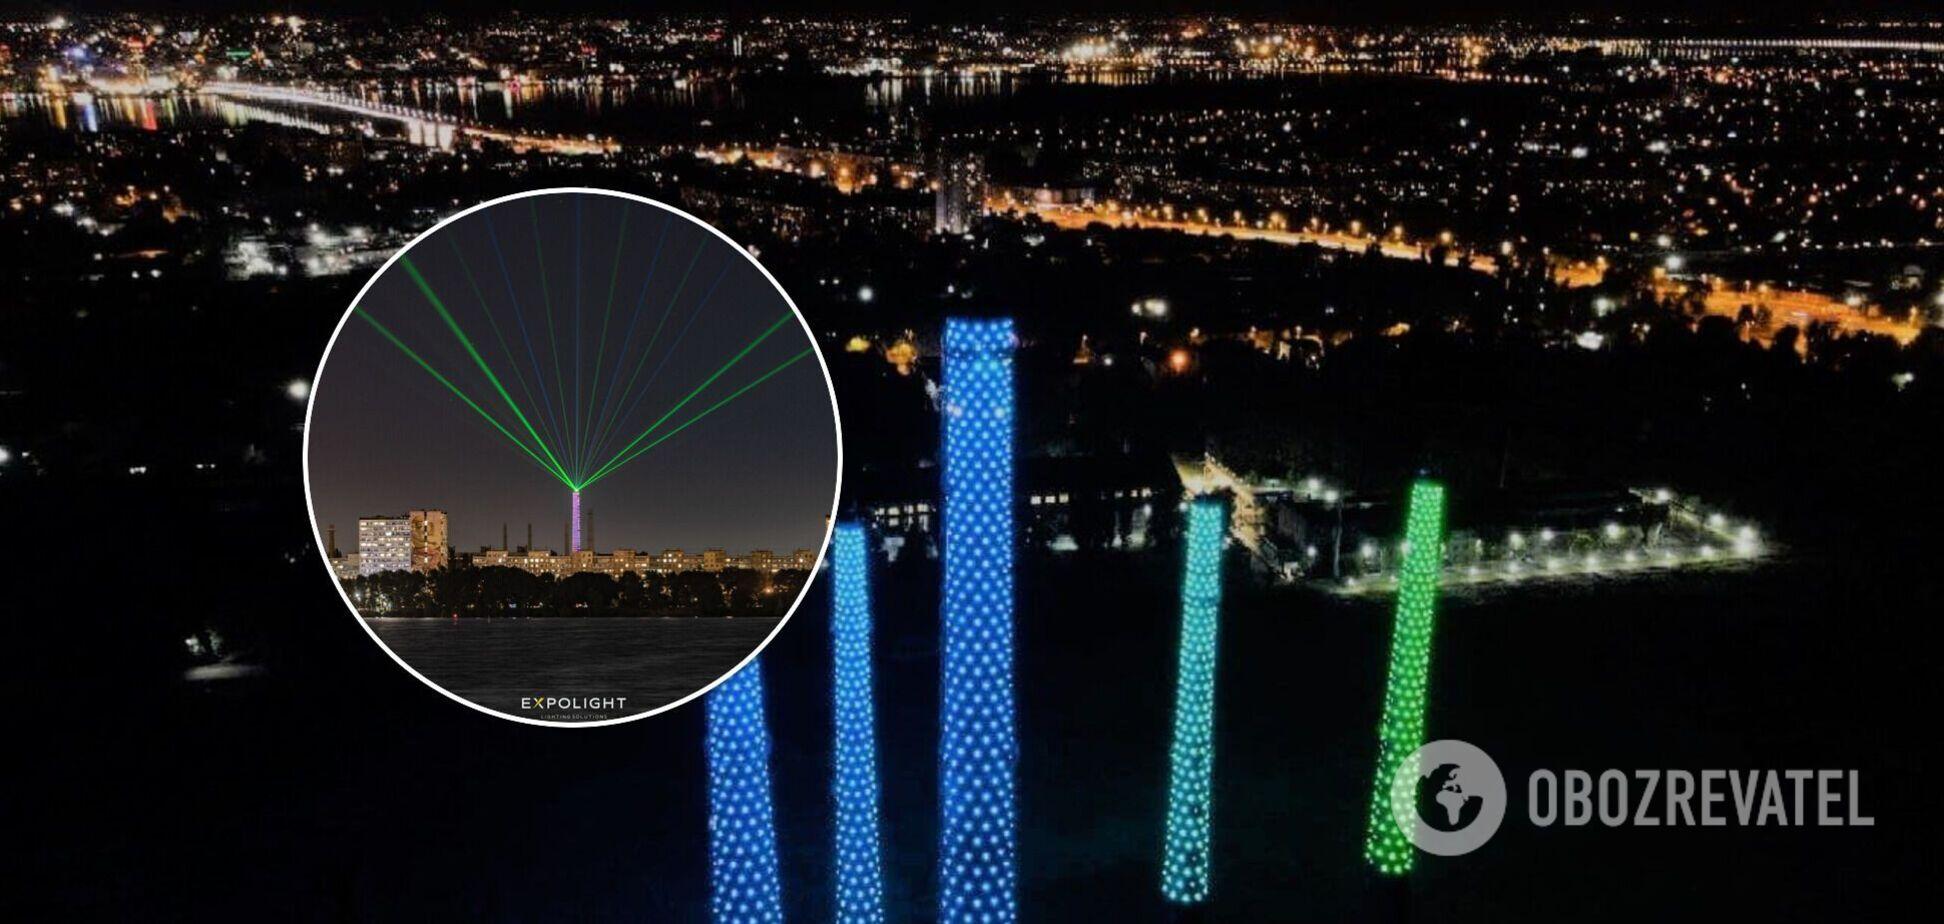 В Днепре на День города представят уникальное свето-лазерное шоу